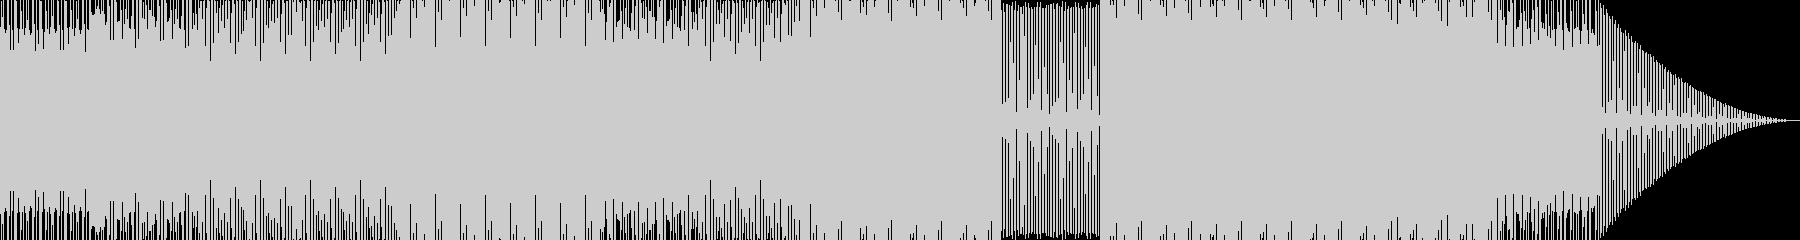 パーカッションで奏でるエレクトロニカの未再生の波形